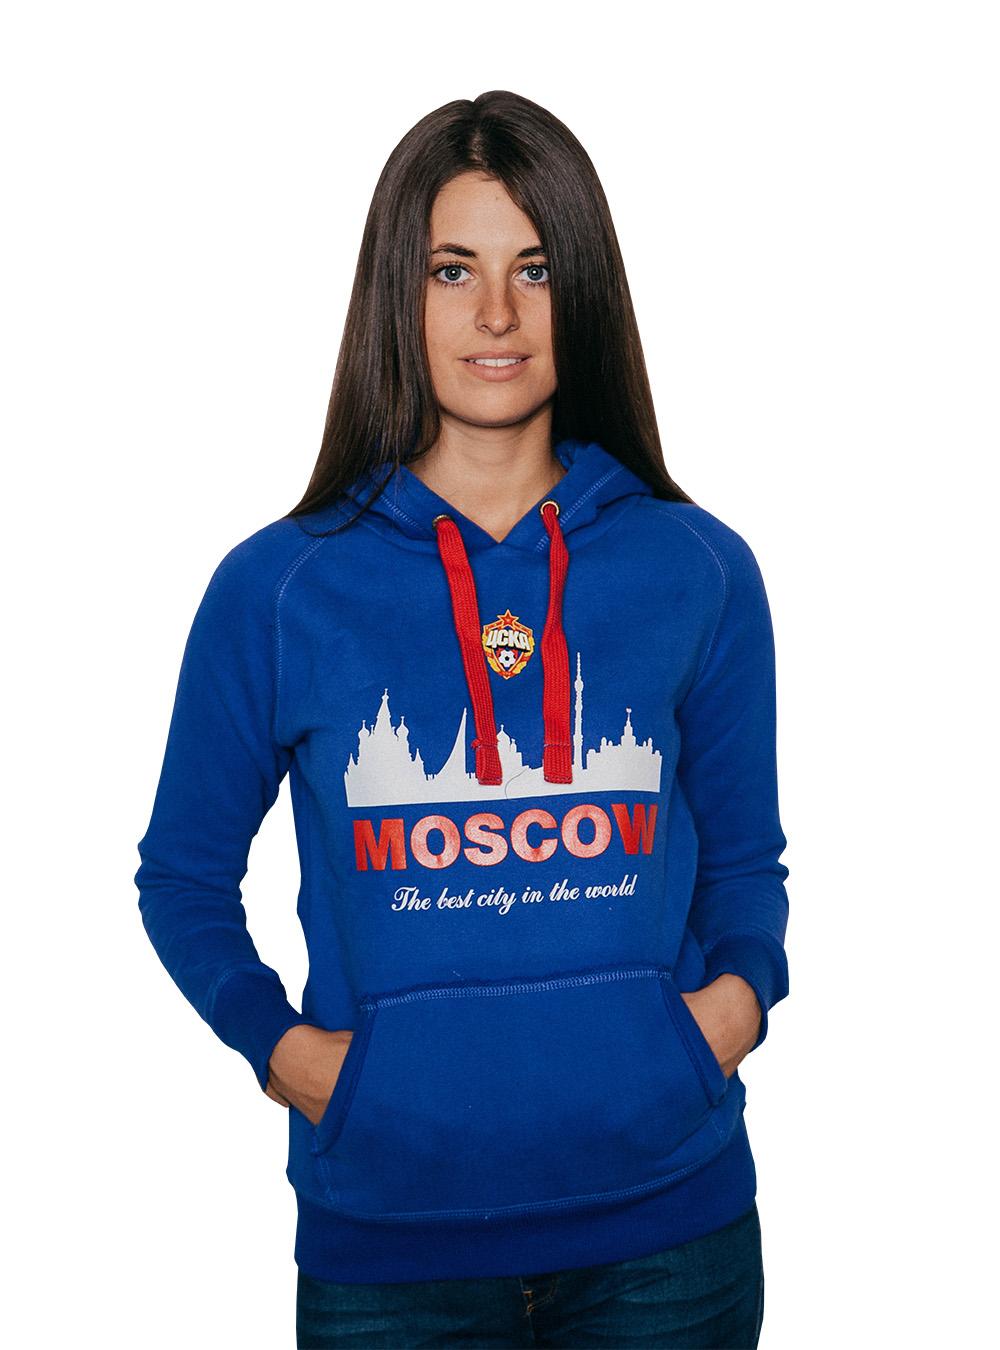 Толстовка женская CITY, цвет синий (S)Толстовки женские<br>Толстовка женская CITY, цвет синий<br>